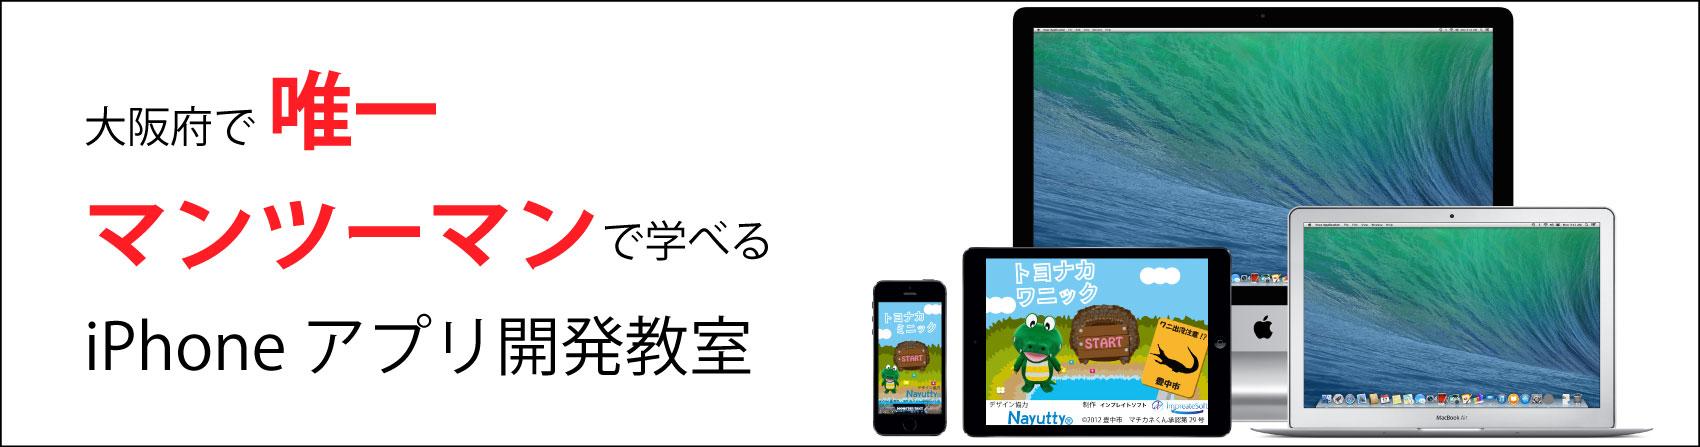 大阪府で唯一マンツーマンで学べるiPhoneアプリ開発教室